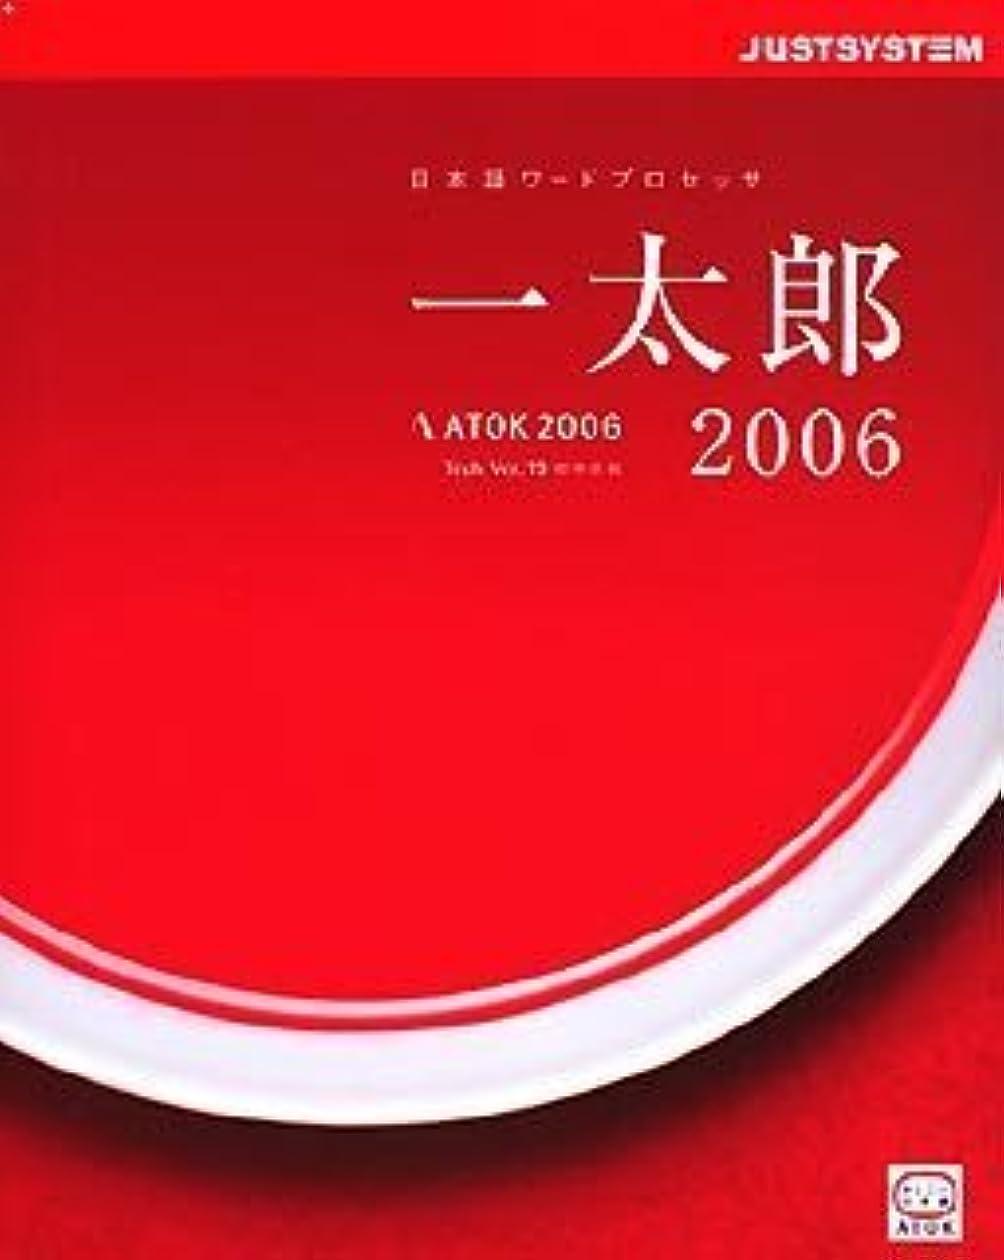 アクチュエータキャンプ露出度の高い一太郎2006 for Windows CD-ROM